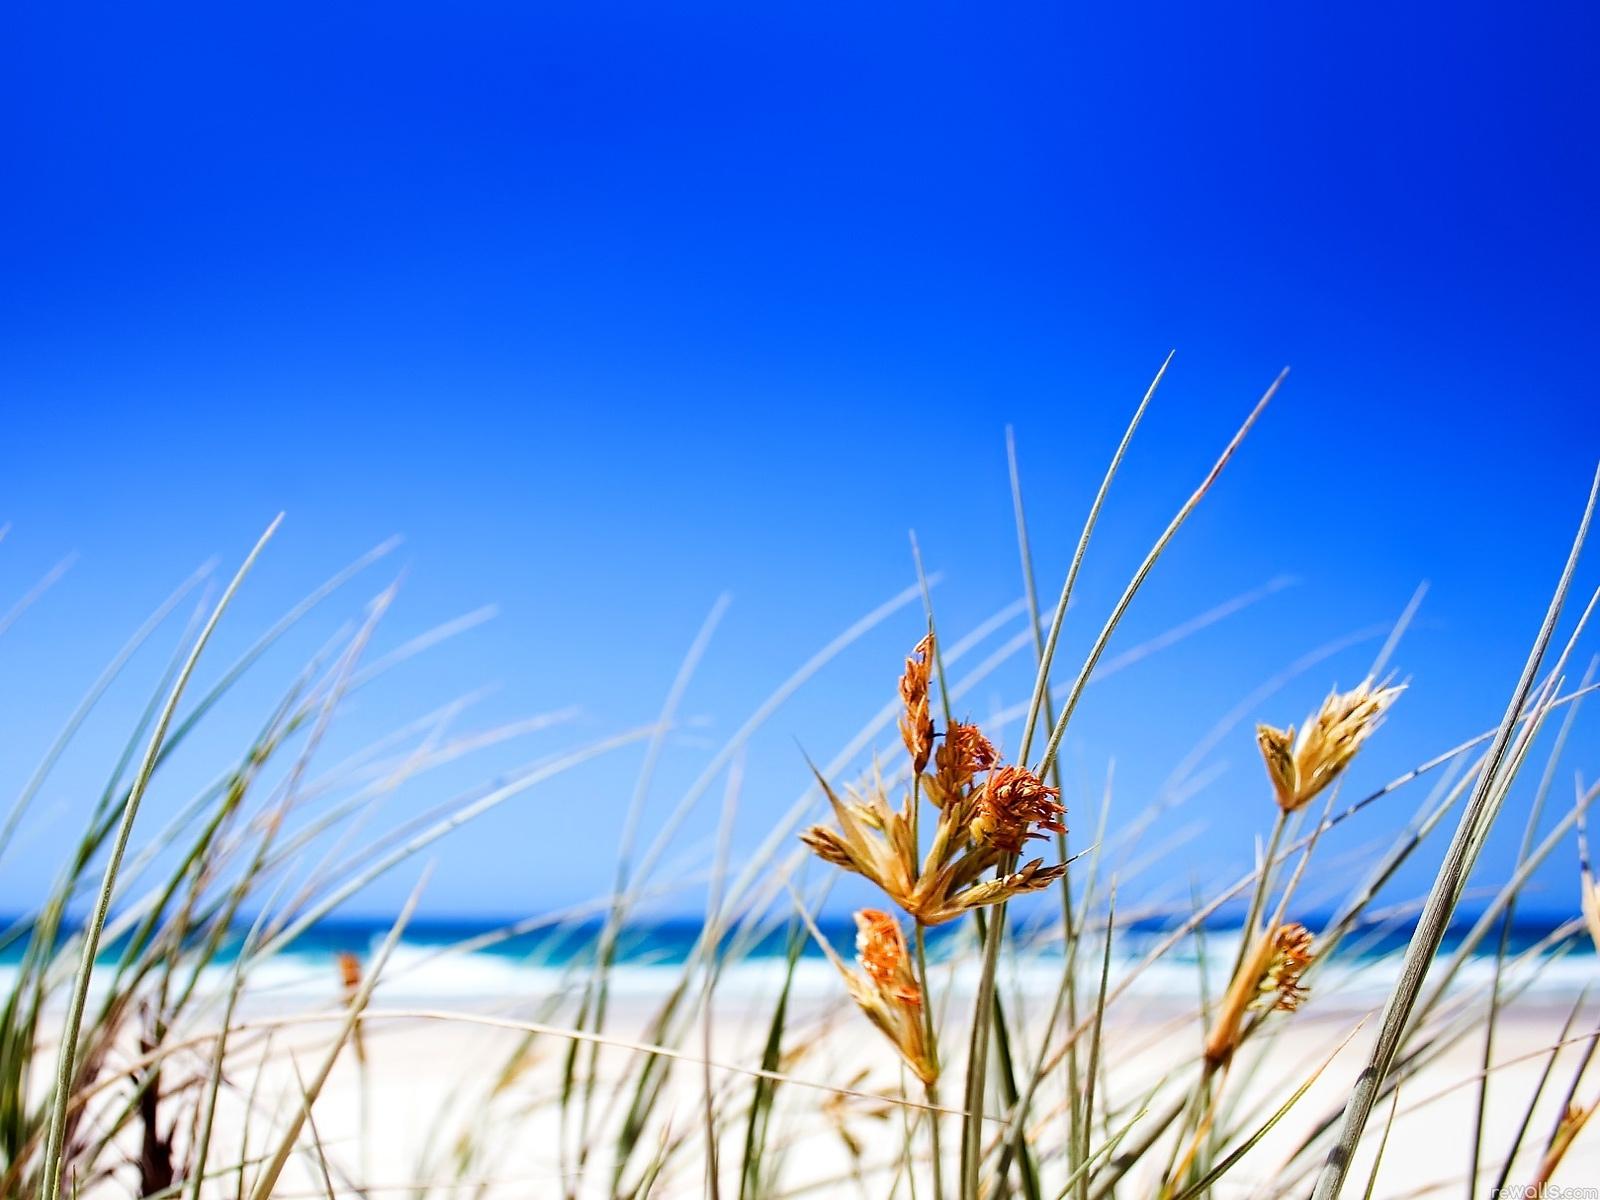 Summer Beach Grass computer desktop wallpaper 1600x1200